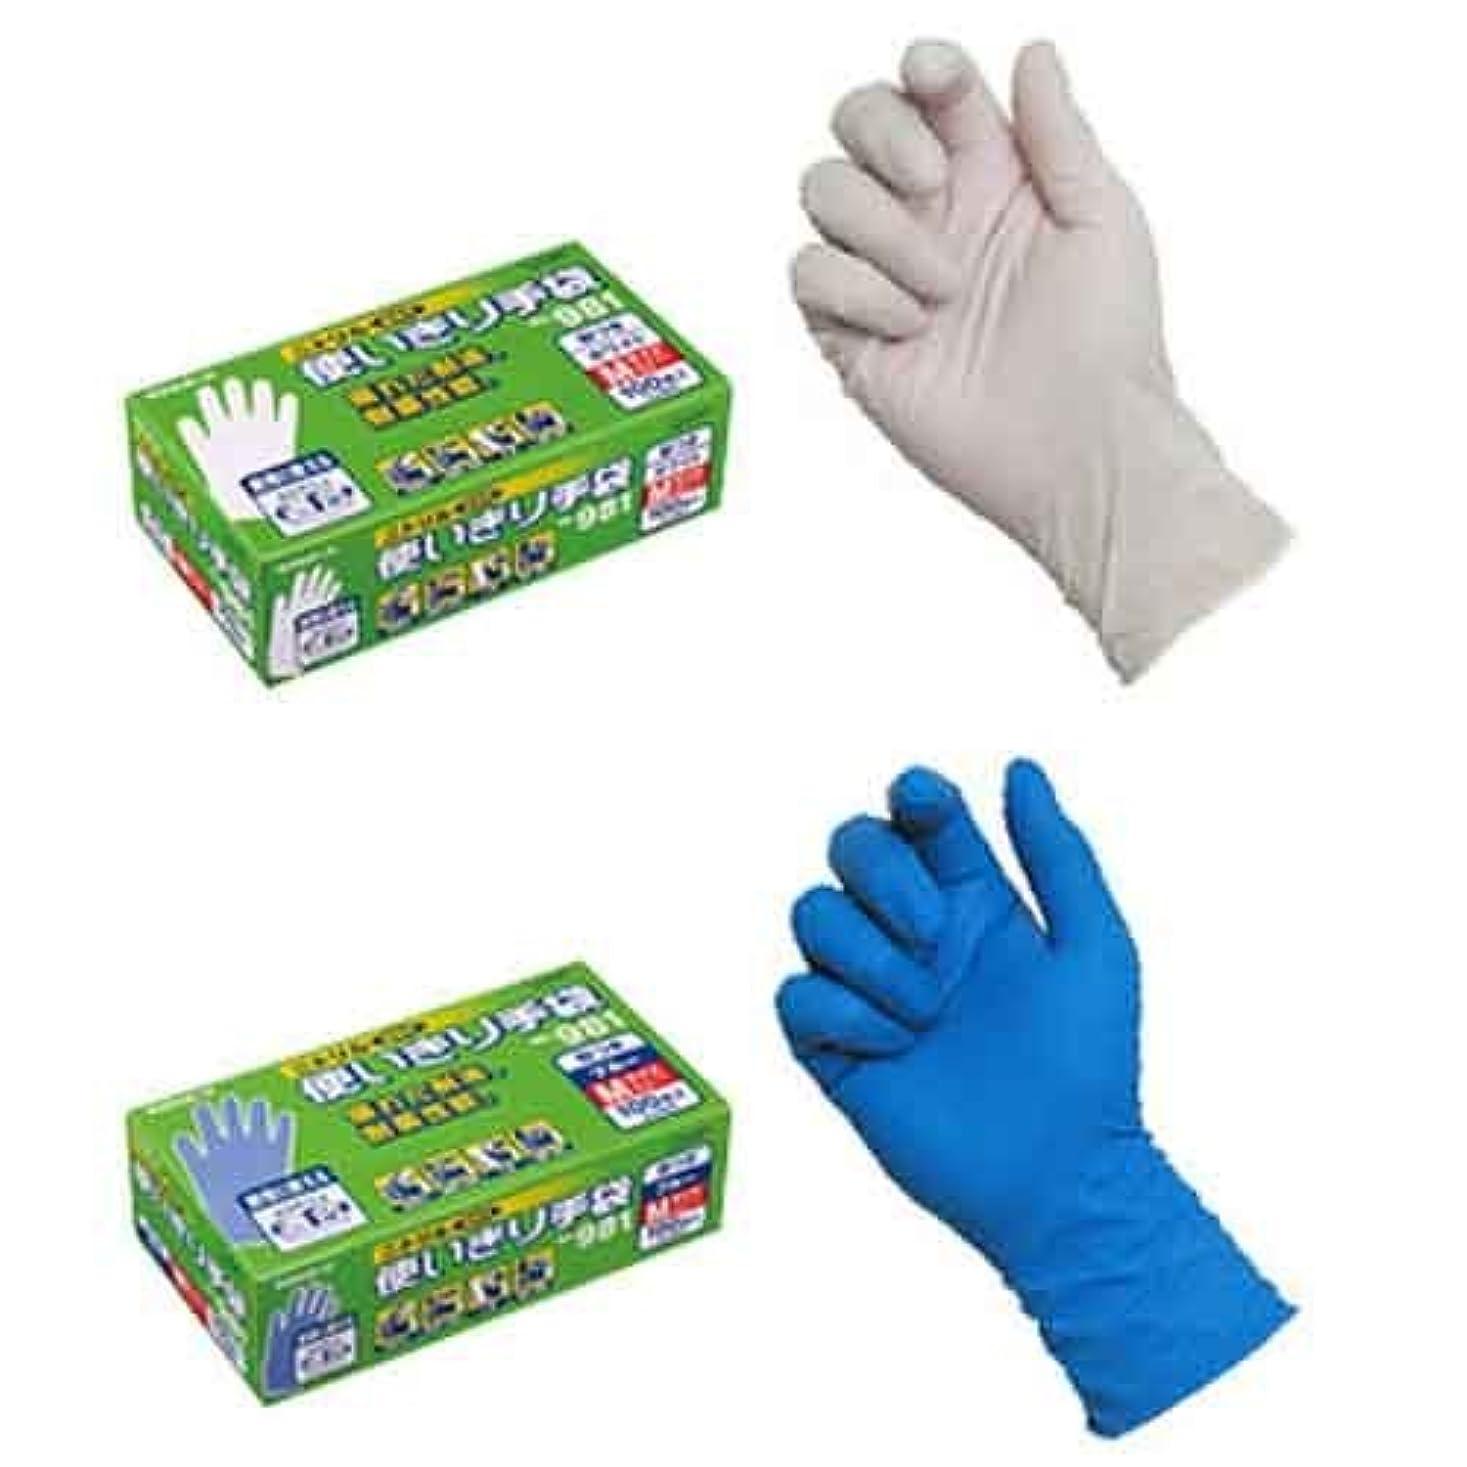 マリン望ましい実質的にモデルローブNo981ニトリル使いきり手袋粉つき100枚ブルーSS